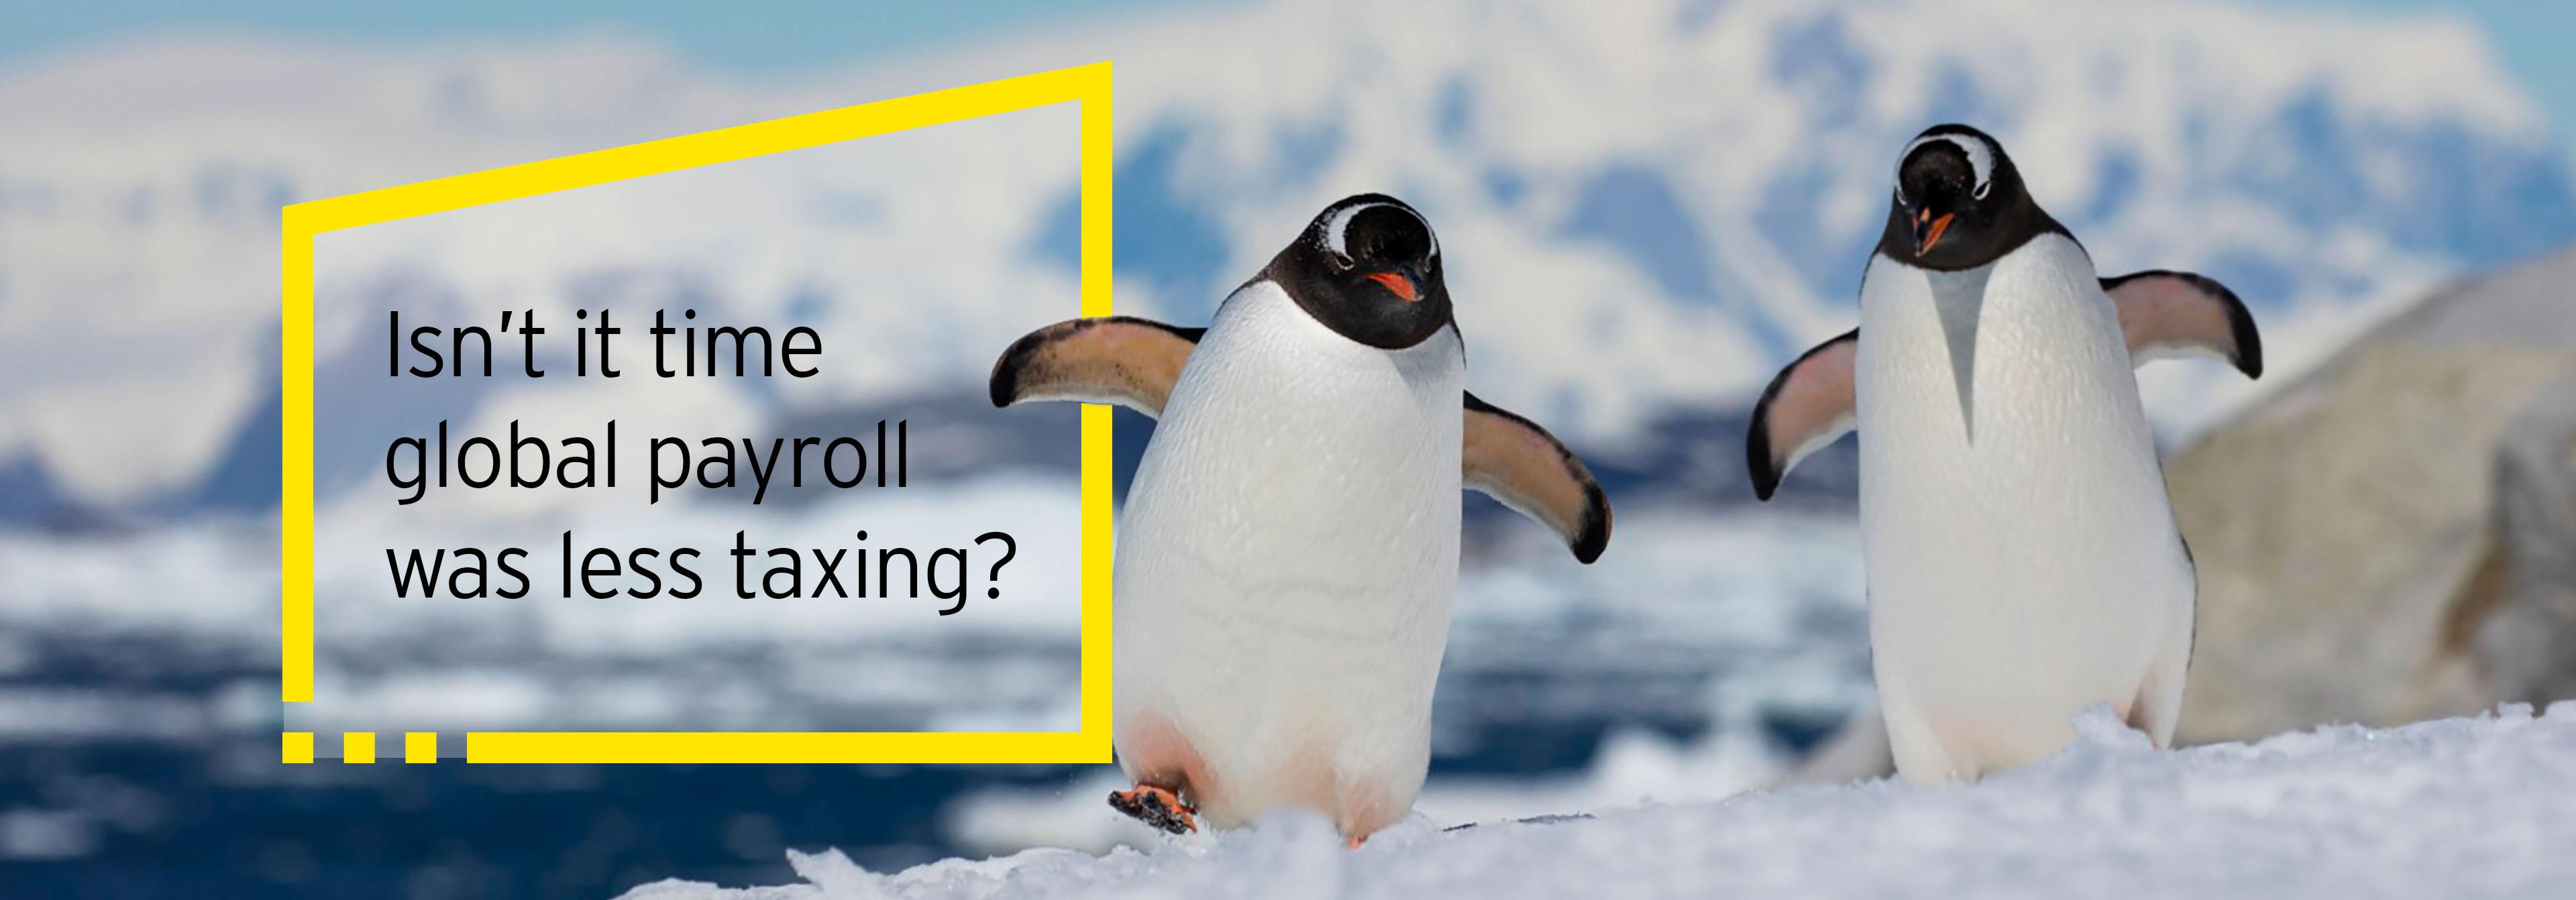 EY - Penguins walking together on snow banner v3